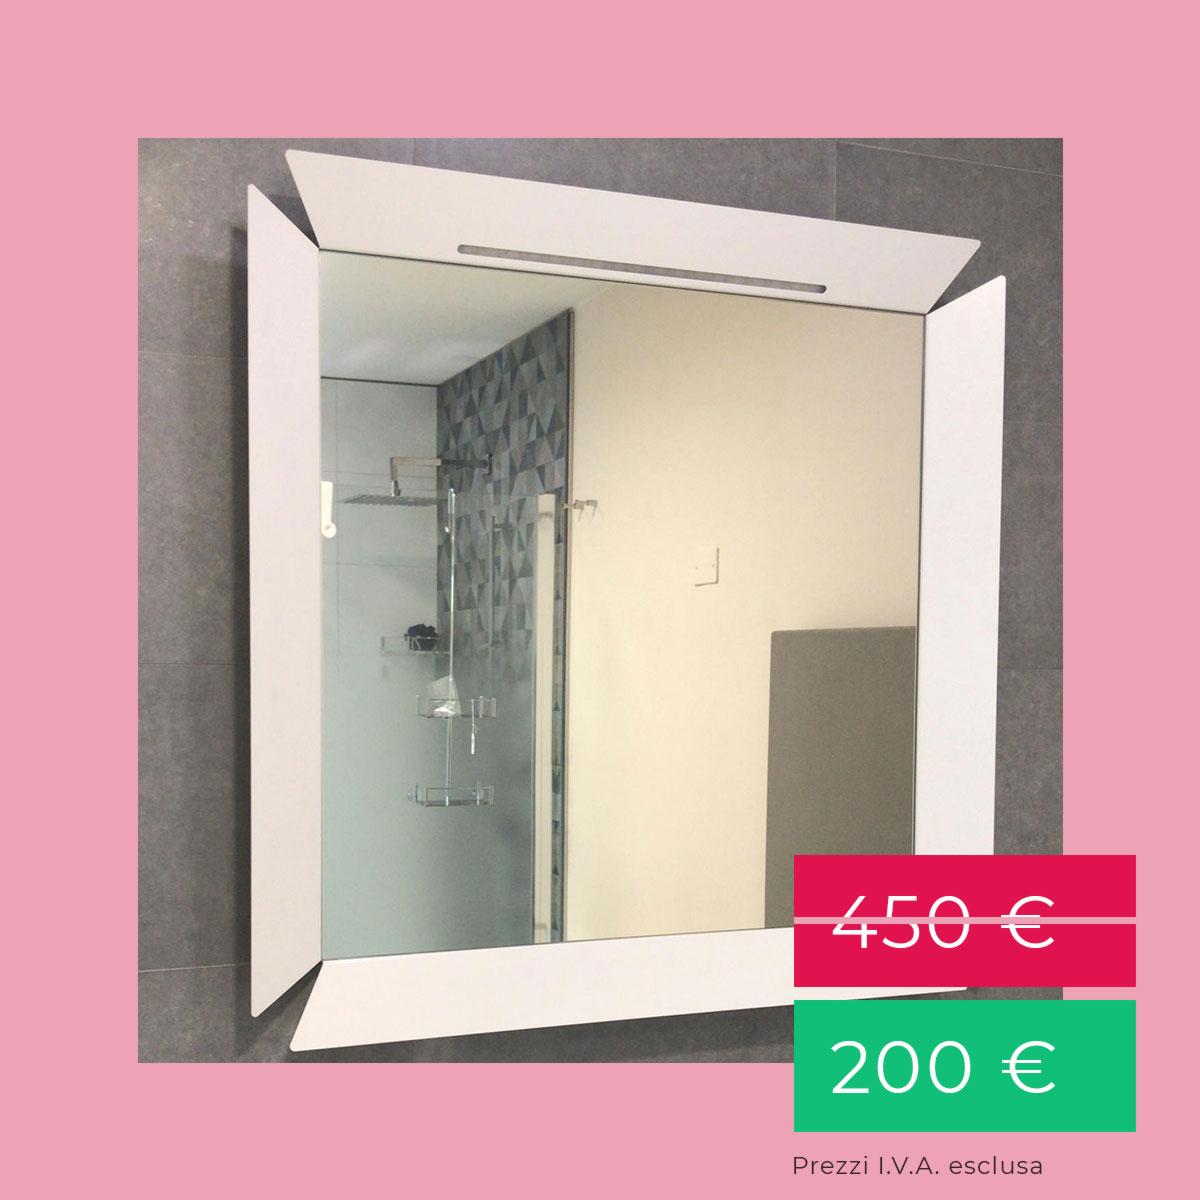 Specchio Bagno Bianco.Prodotti Archivi Silvestri Pavimenti Rivestimenti E Arredobagno